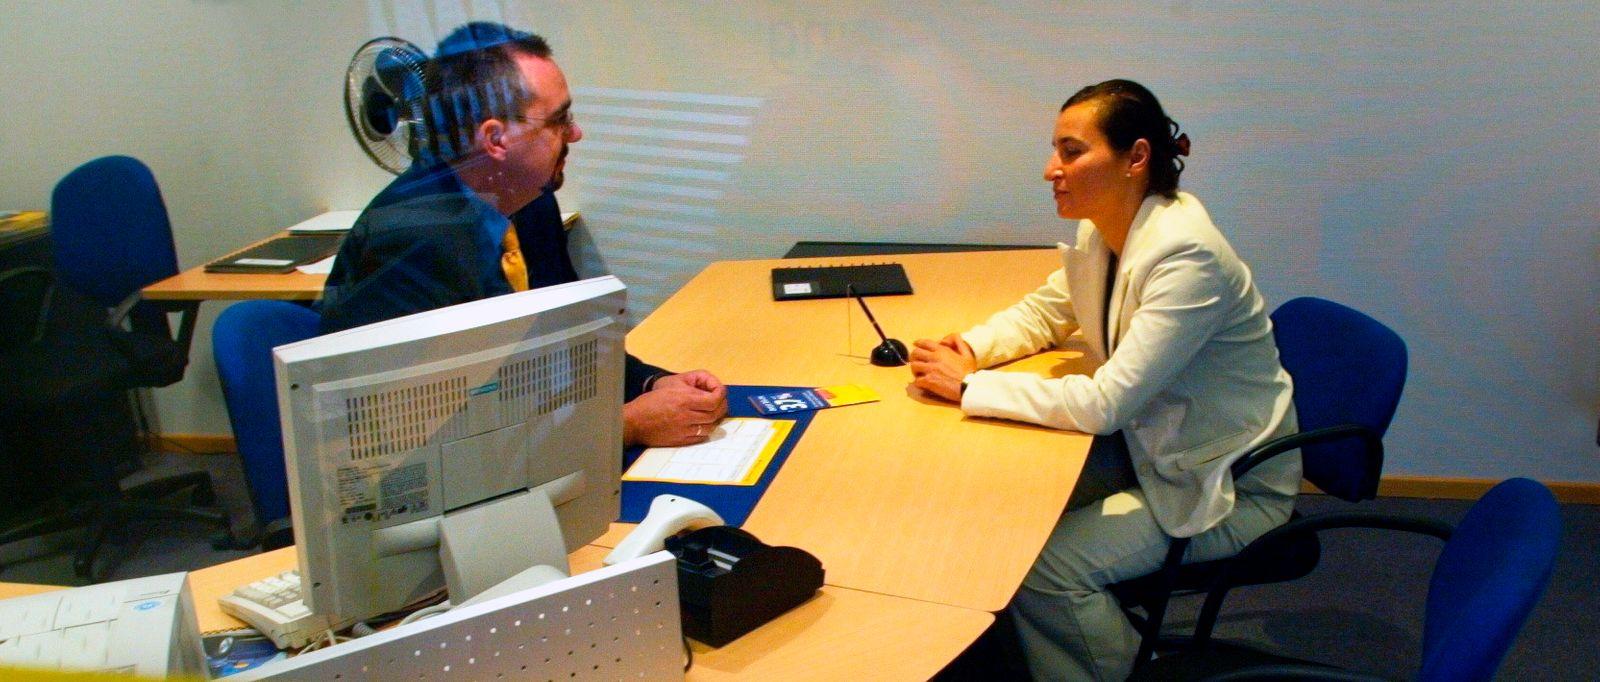 NICHT VERWENDEN Bank / Beratung / Bankkunden / Beratungsgespräch